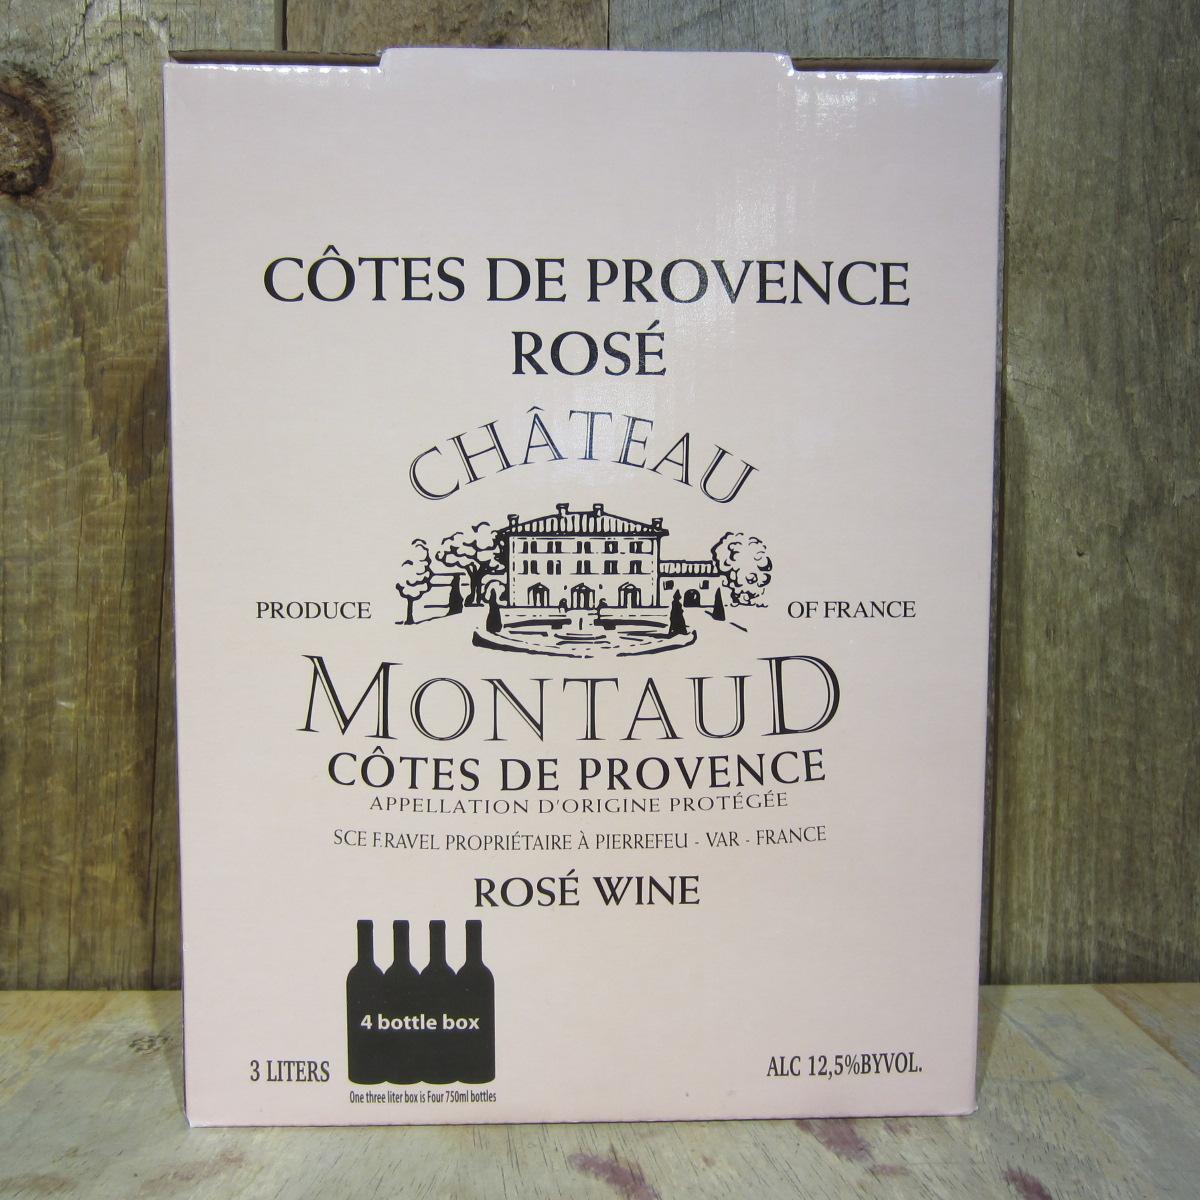 Chateau Montaud Cotes de Provence Rose 2018 Box 3L